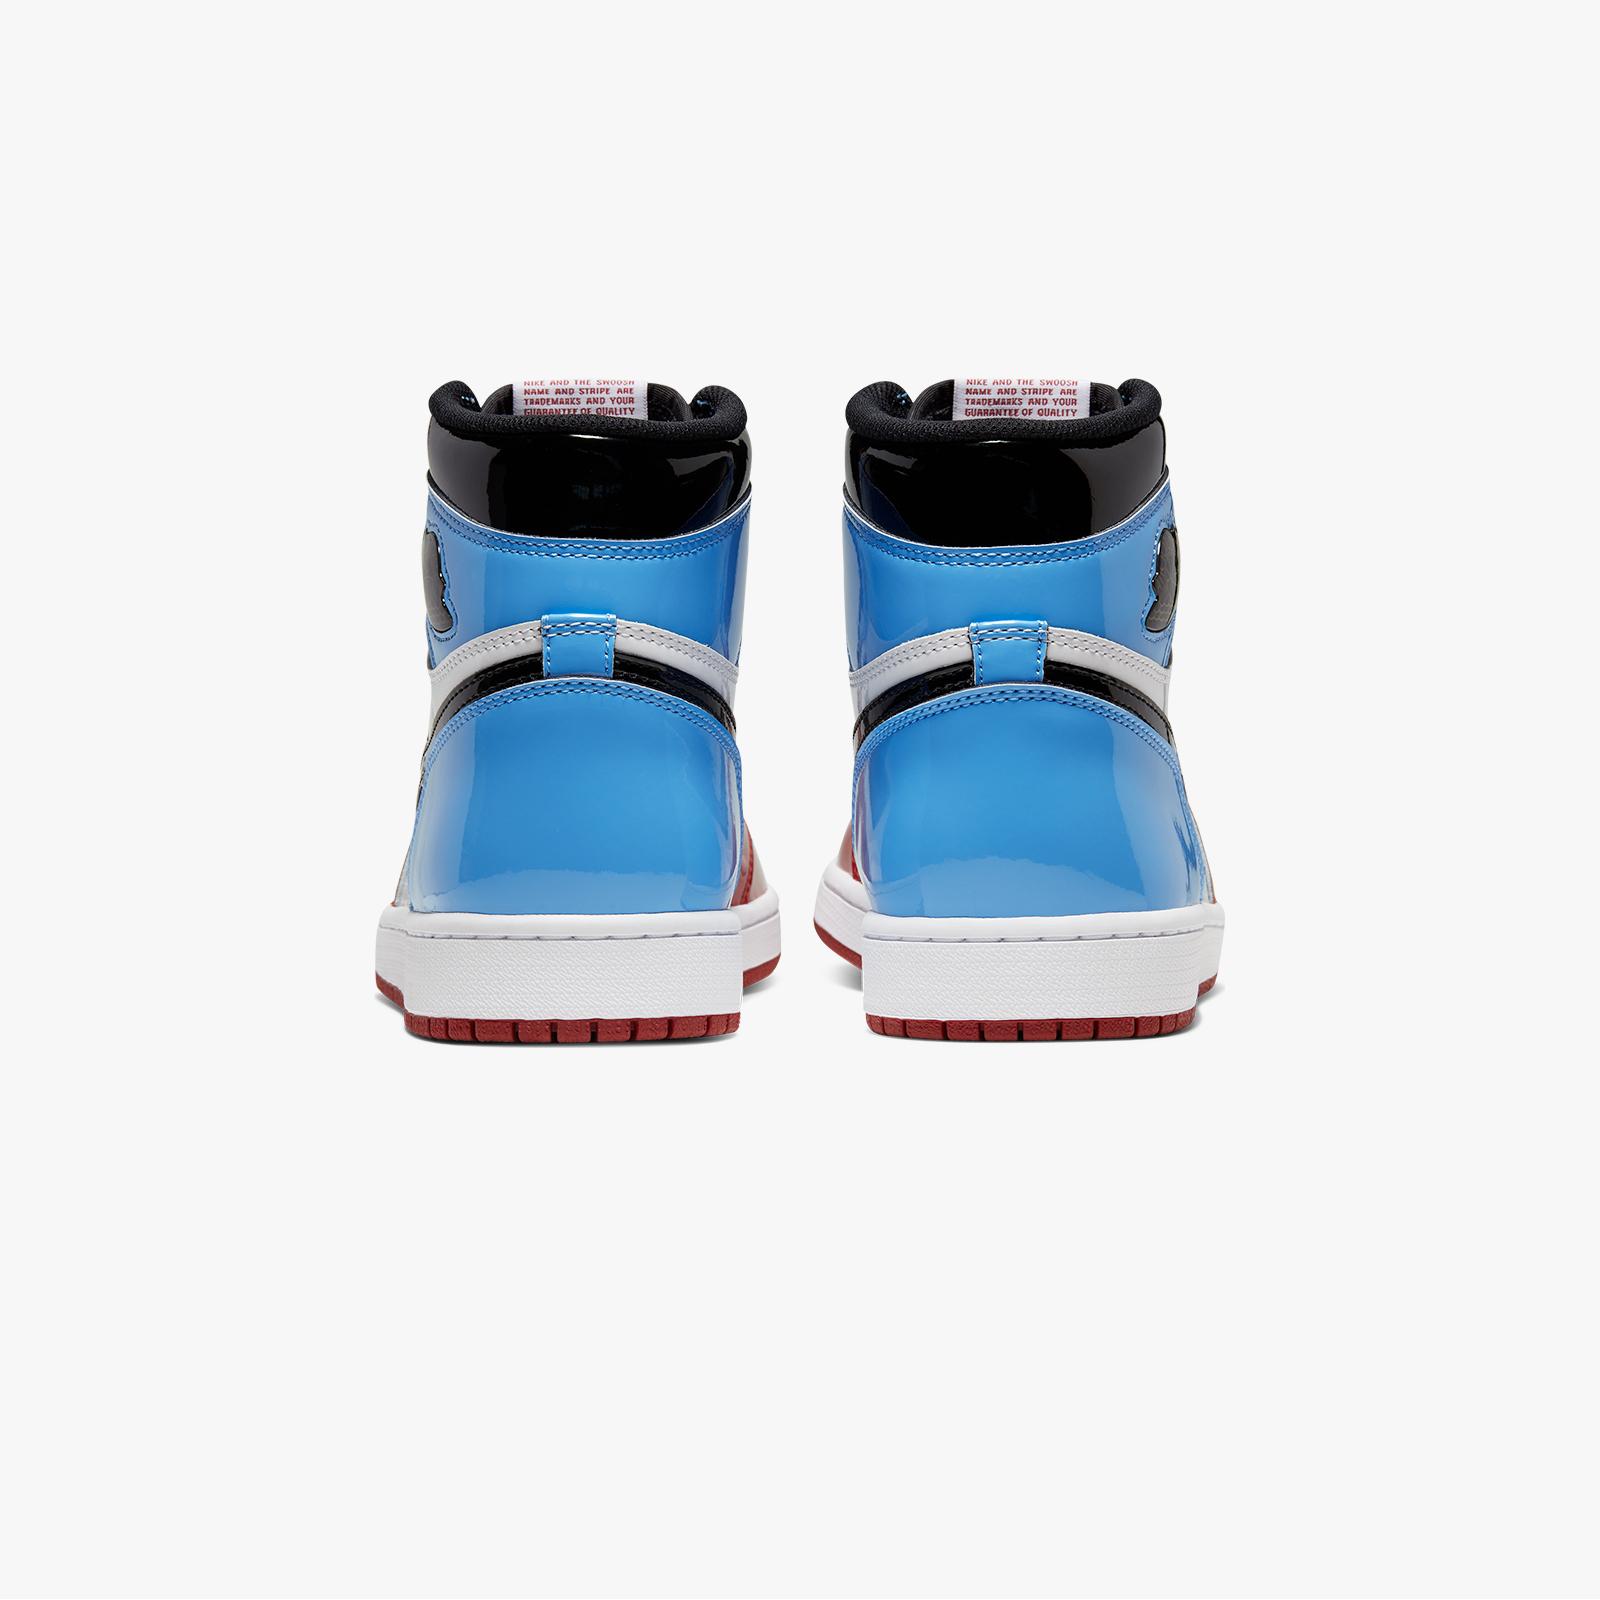 Jordan Brand Air Jordan 1 High Og Fearless Ck5666 100